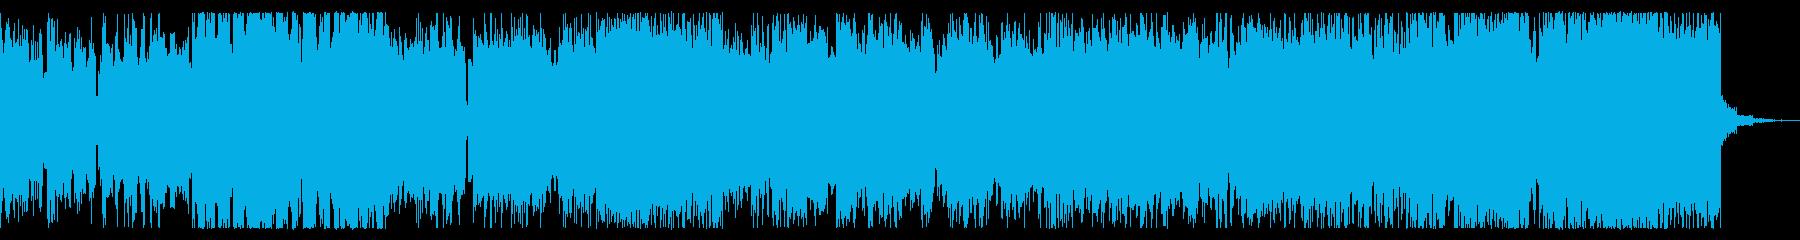 勇壮な疾走系チップチューンの再生済みの波形